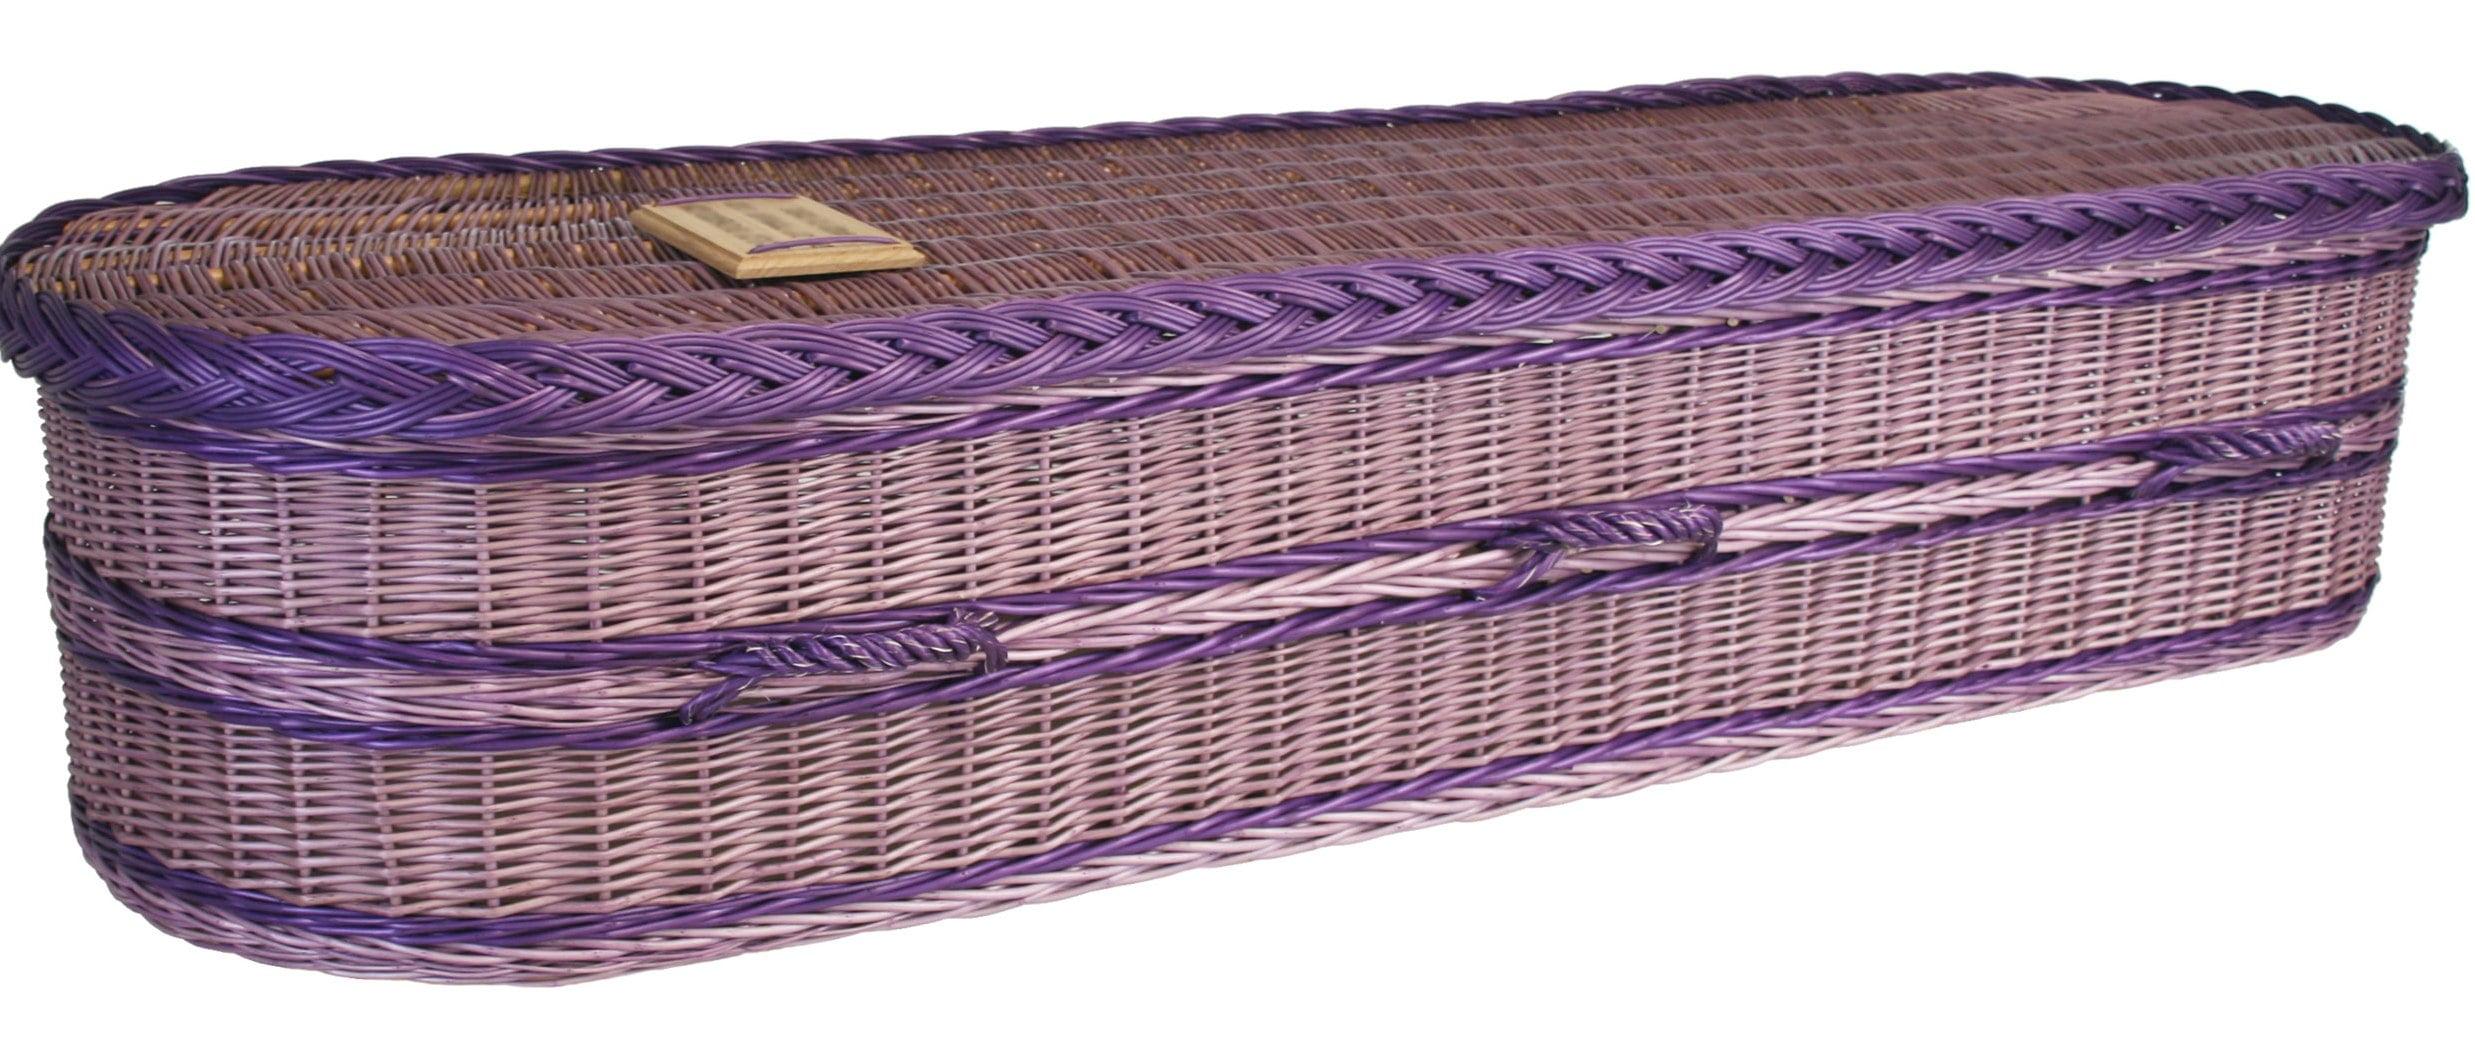 wicker coffin